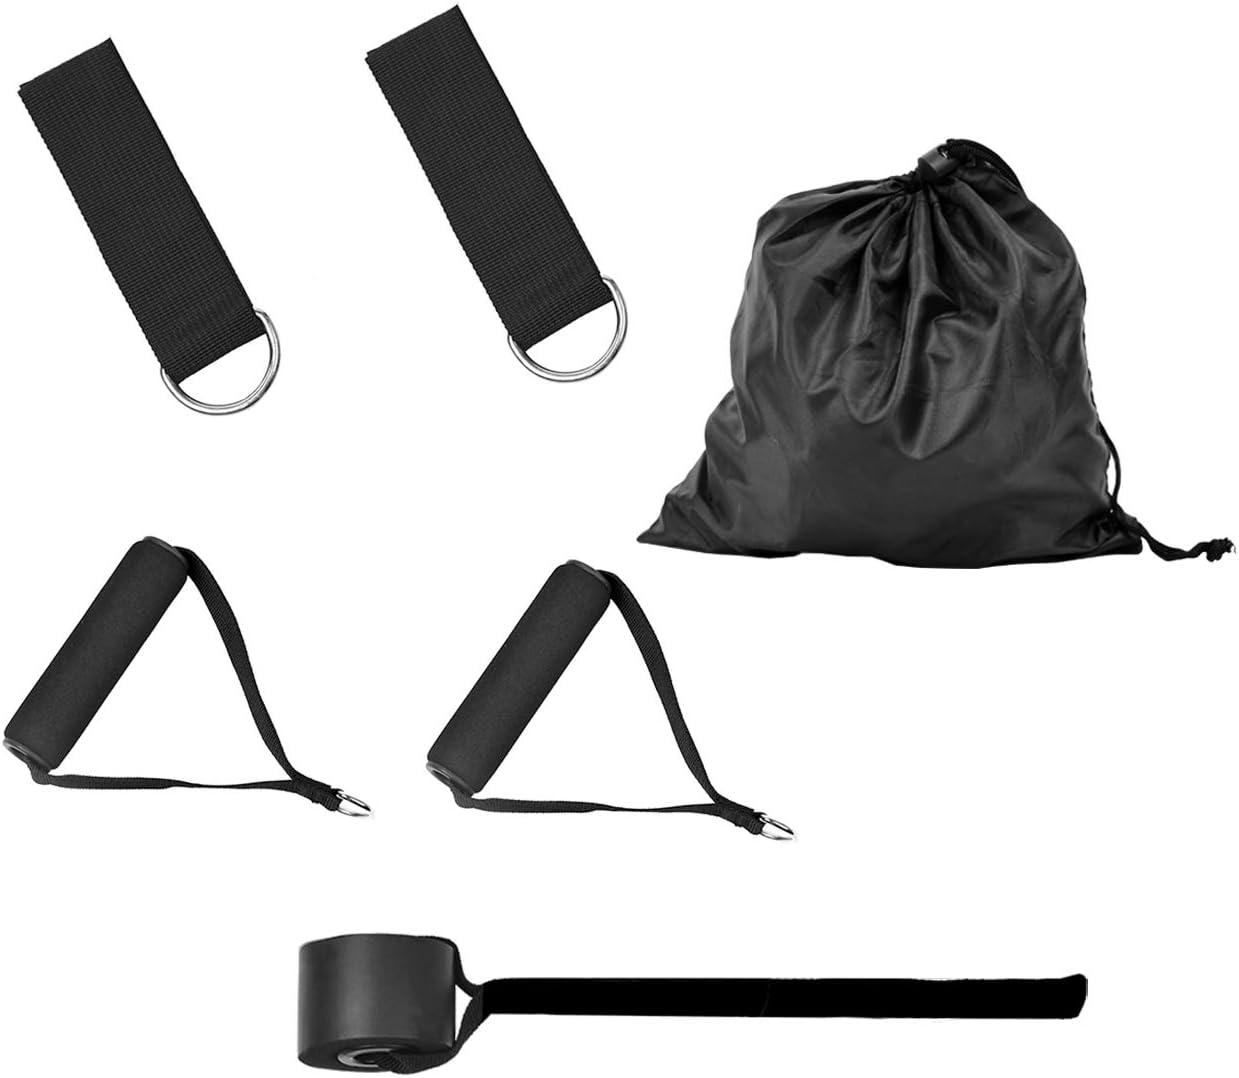 Fitness Exercice Bands Kit avec Ancre de Porte//Poign/ées//Sangle de Cheville pour Fitness Pilates Yoga Gym Entra/înement Magiin Bande de R/ésistance Elastiques Set de 5